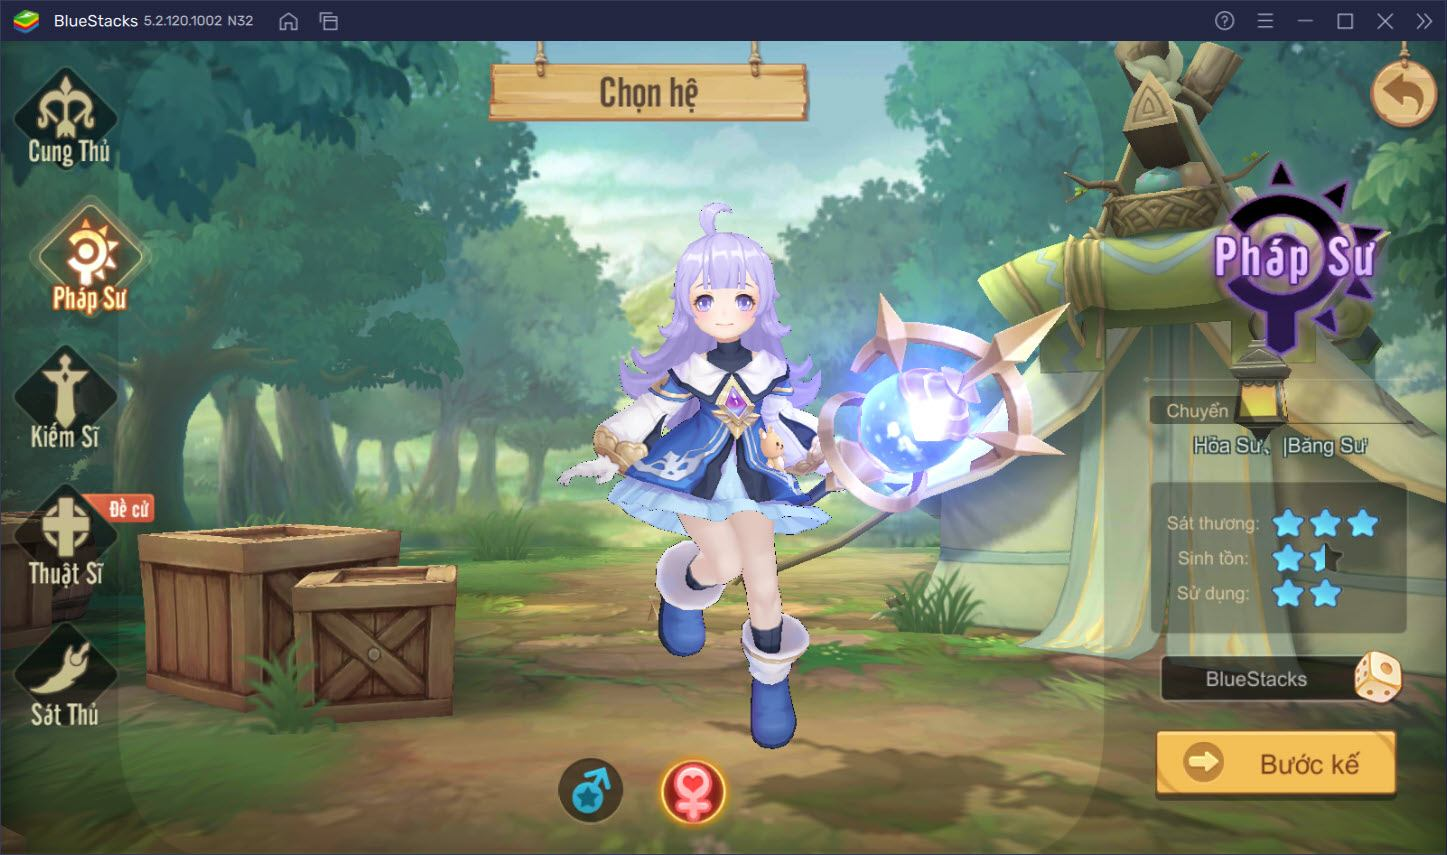 Tìm hiểu hệ thống nhân vật trong Cloud Song